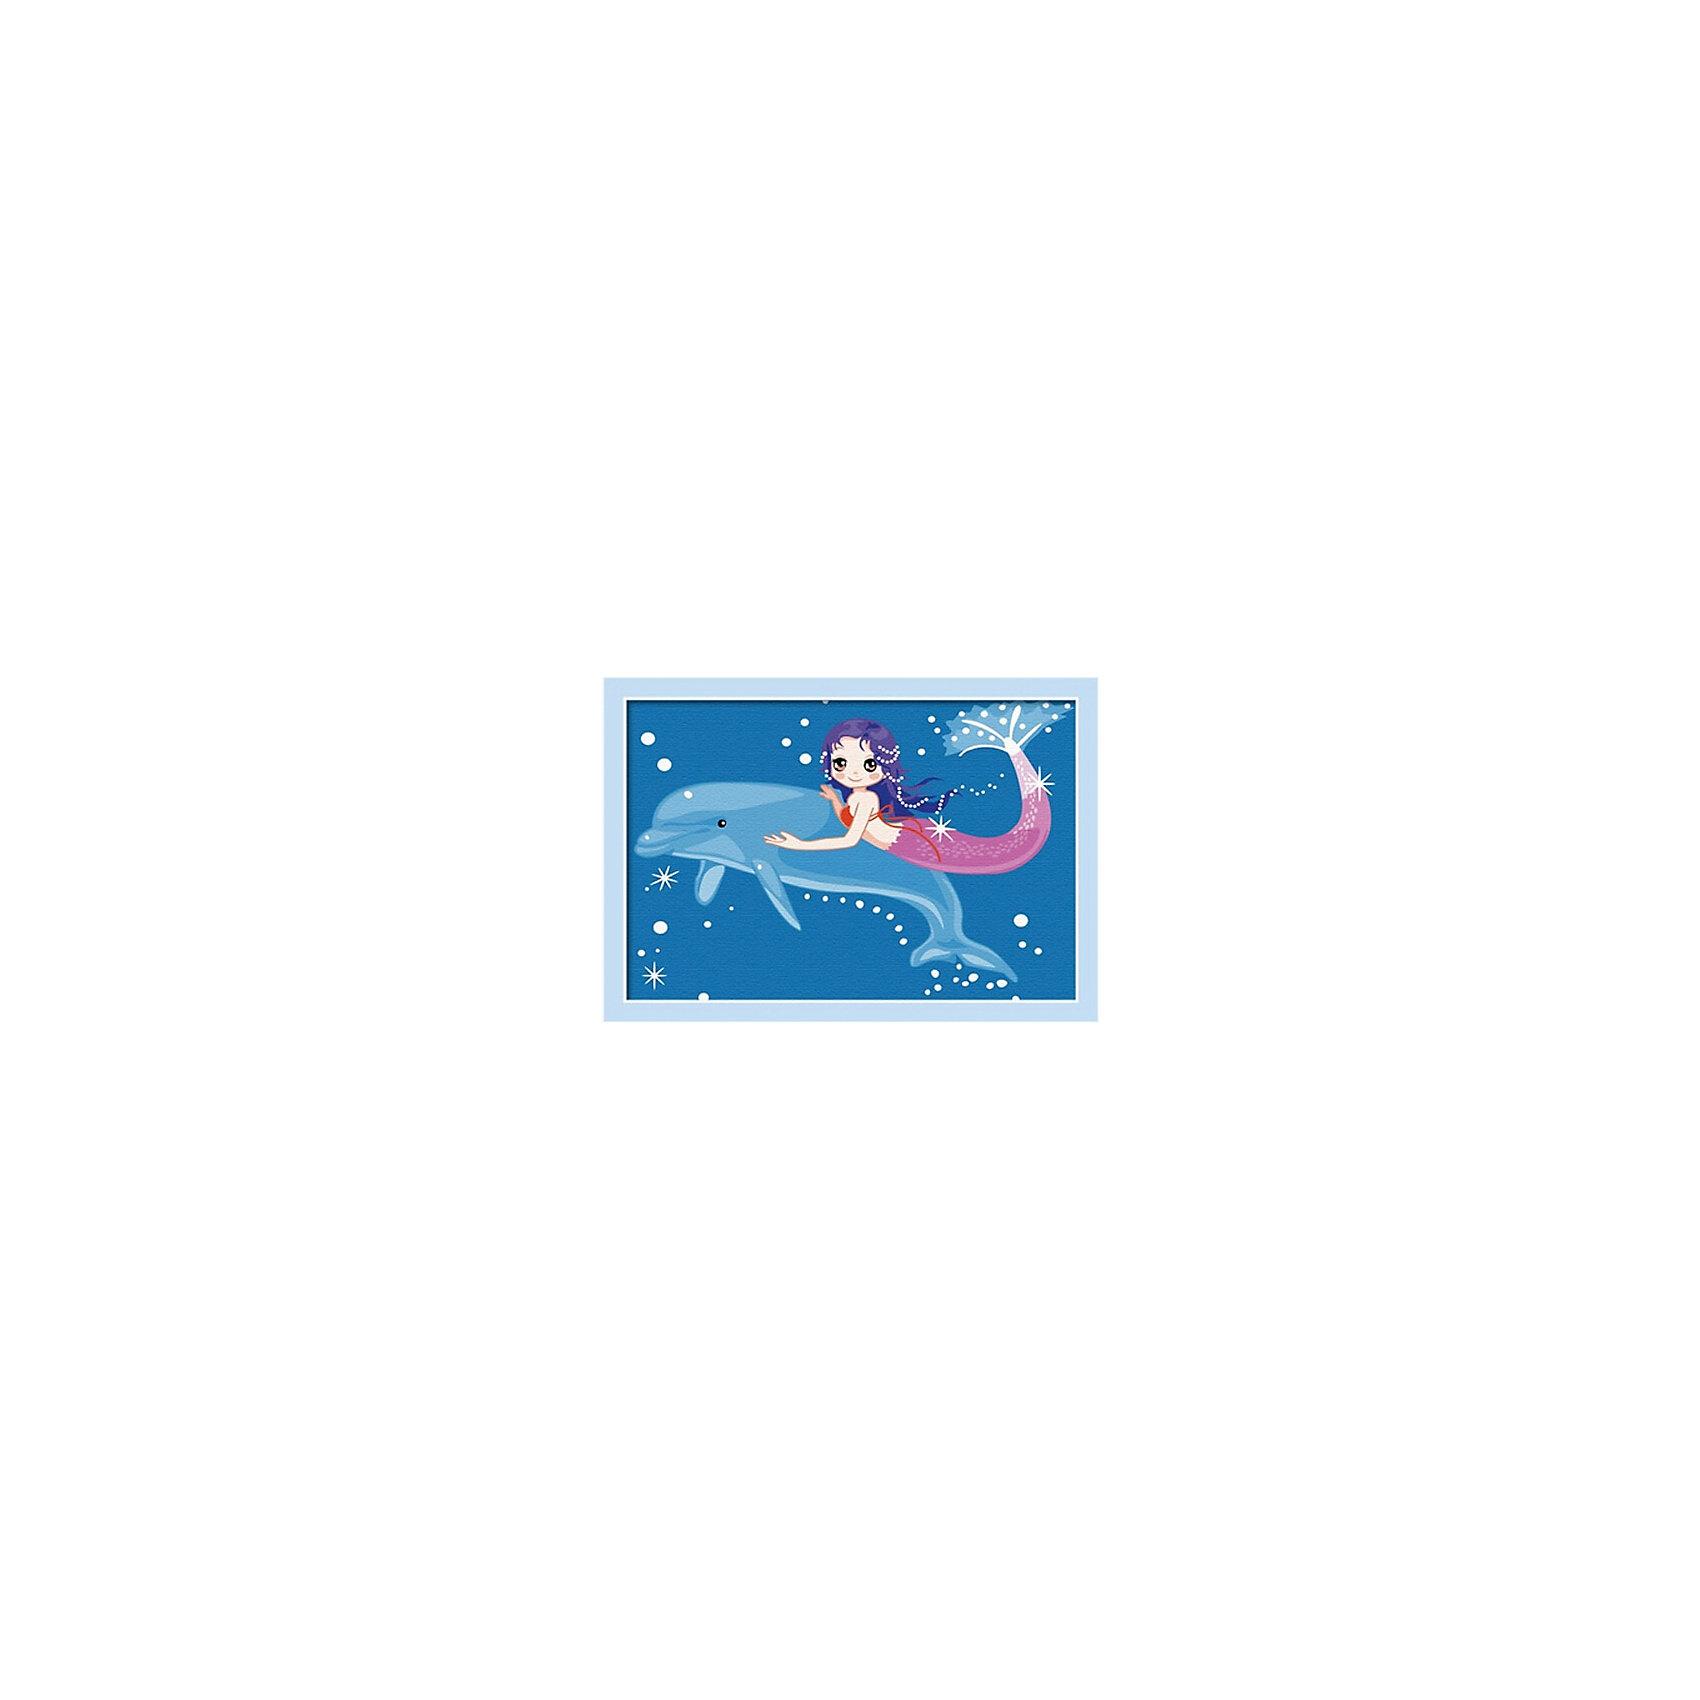 Роспись по холсту Дельфин и русалкаРисование<br>Это набор для раскрашивания, который состоит из размеченного и полностью готового холста. натянутого на деревянный подрамник. Холст состоит из хлопка 100 %. Он пропитан специальной смесью для нанесения акриловых красок. Краски акриловые на водной основе. Они в вакуумной упаковке. Что гарантирует, то что они не высохнут от жары и не замерзнут от холода. В набор входят 3 кисти, контрольный лист.<br><br>Ширина мм: 210<br>Глубина мм: 25<br>Высота мм: 310<br>Вес г: 300<br>Возраст от месяцев: 96<br>Возраст до месяцев: 144<br>Пол: Унисекс<br>Возраст: Детский<br>SKU: 5350896